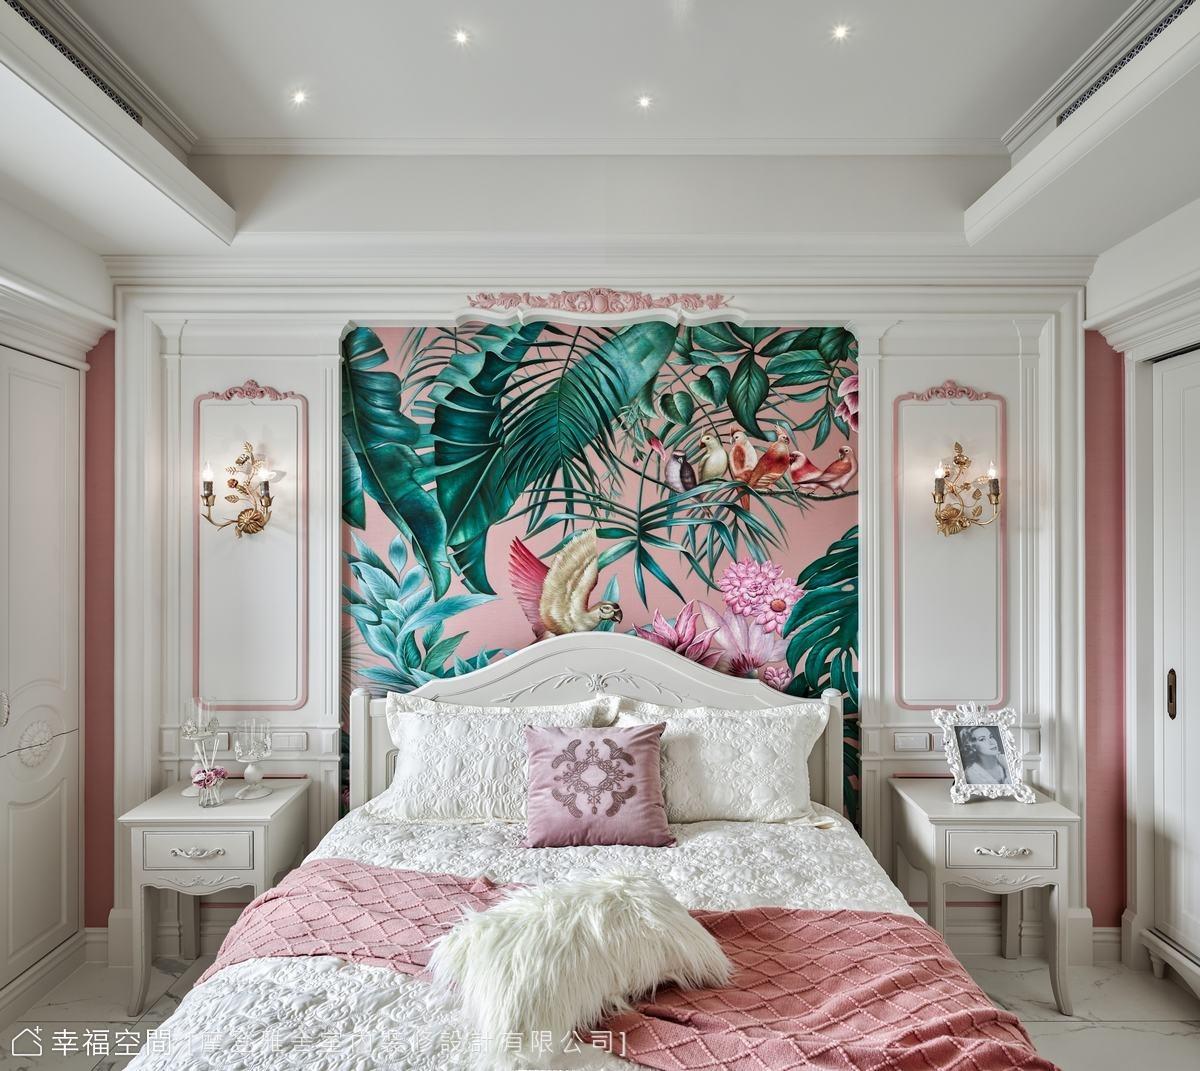 選用媽媽最愛的粉紅色打底,並特製粉色木工雕花妝點,輔以粉色絲質壁布塑造夢幻公主風。